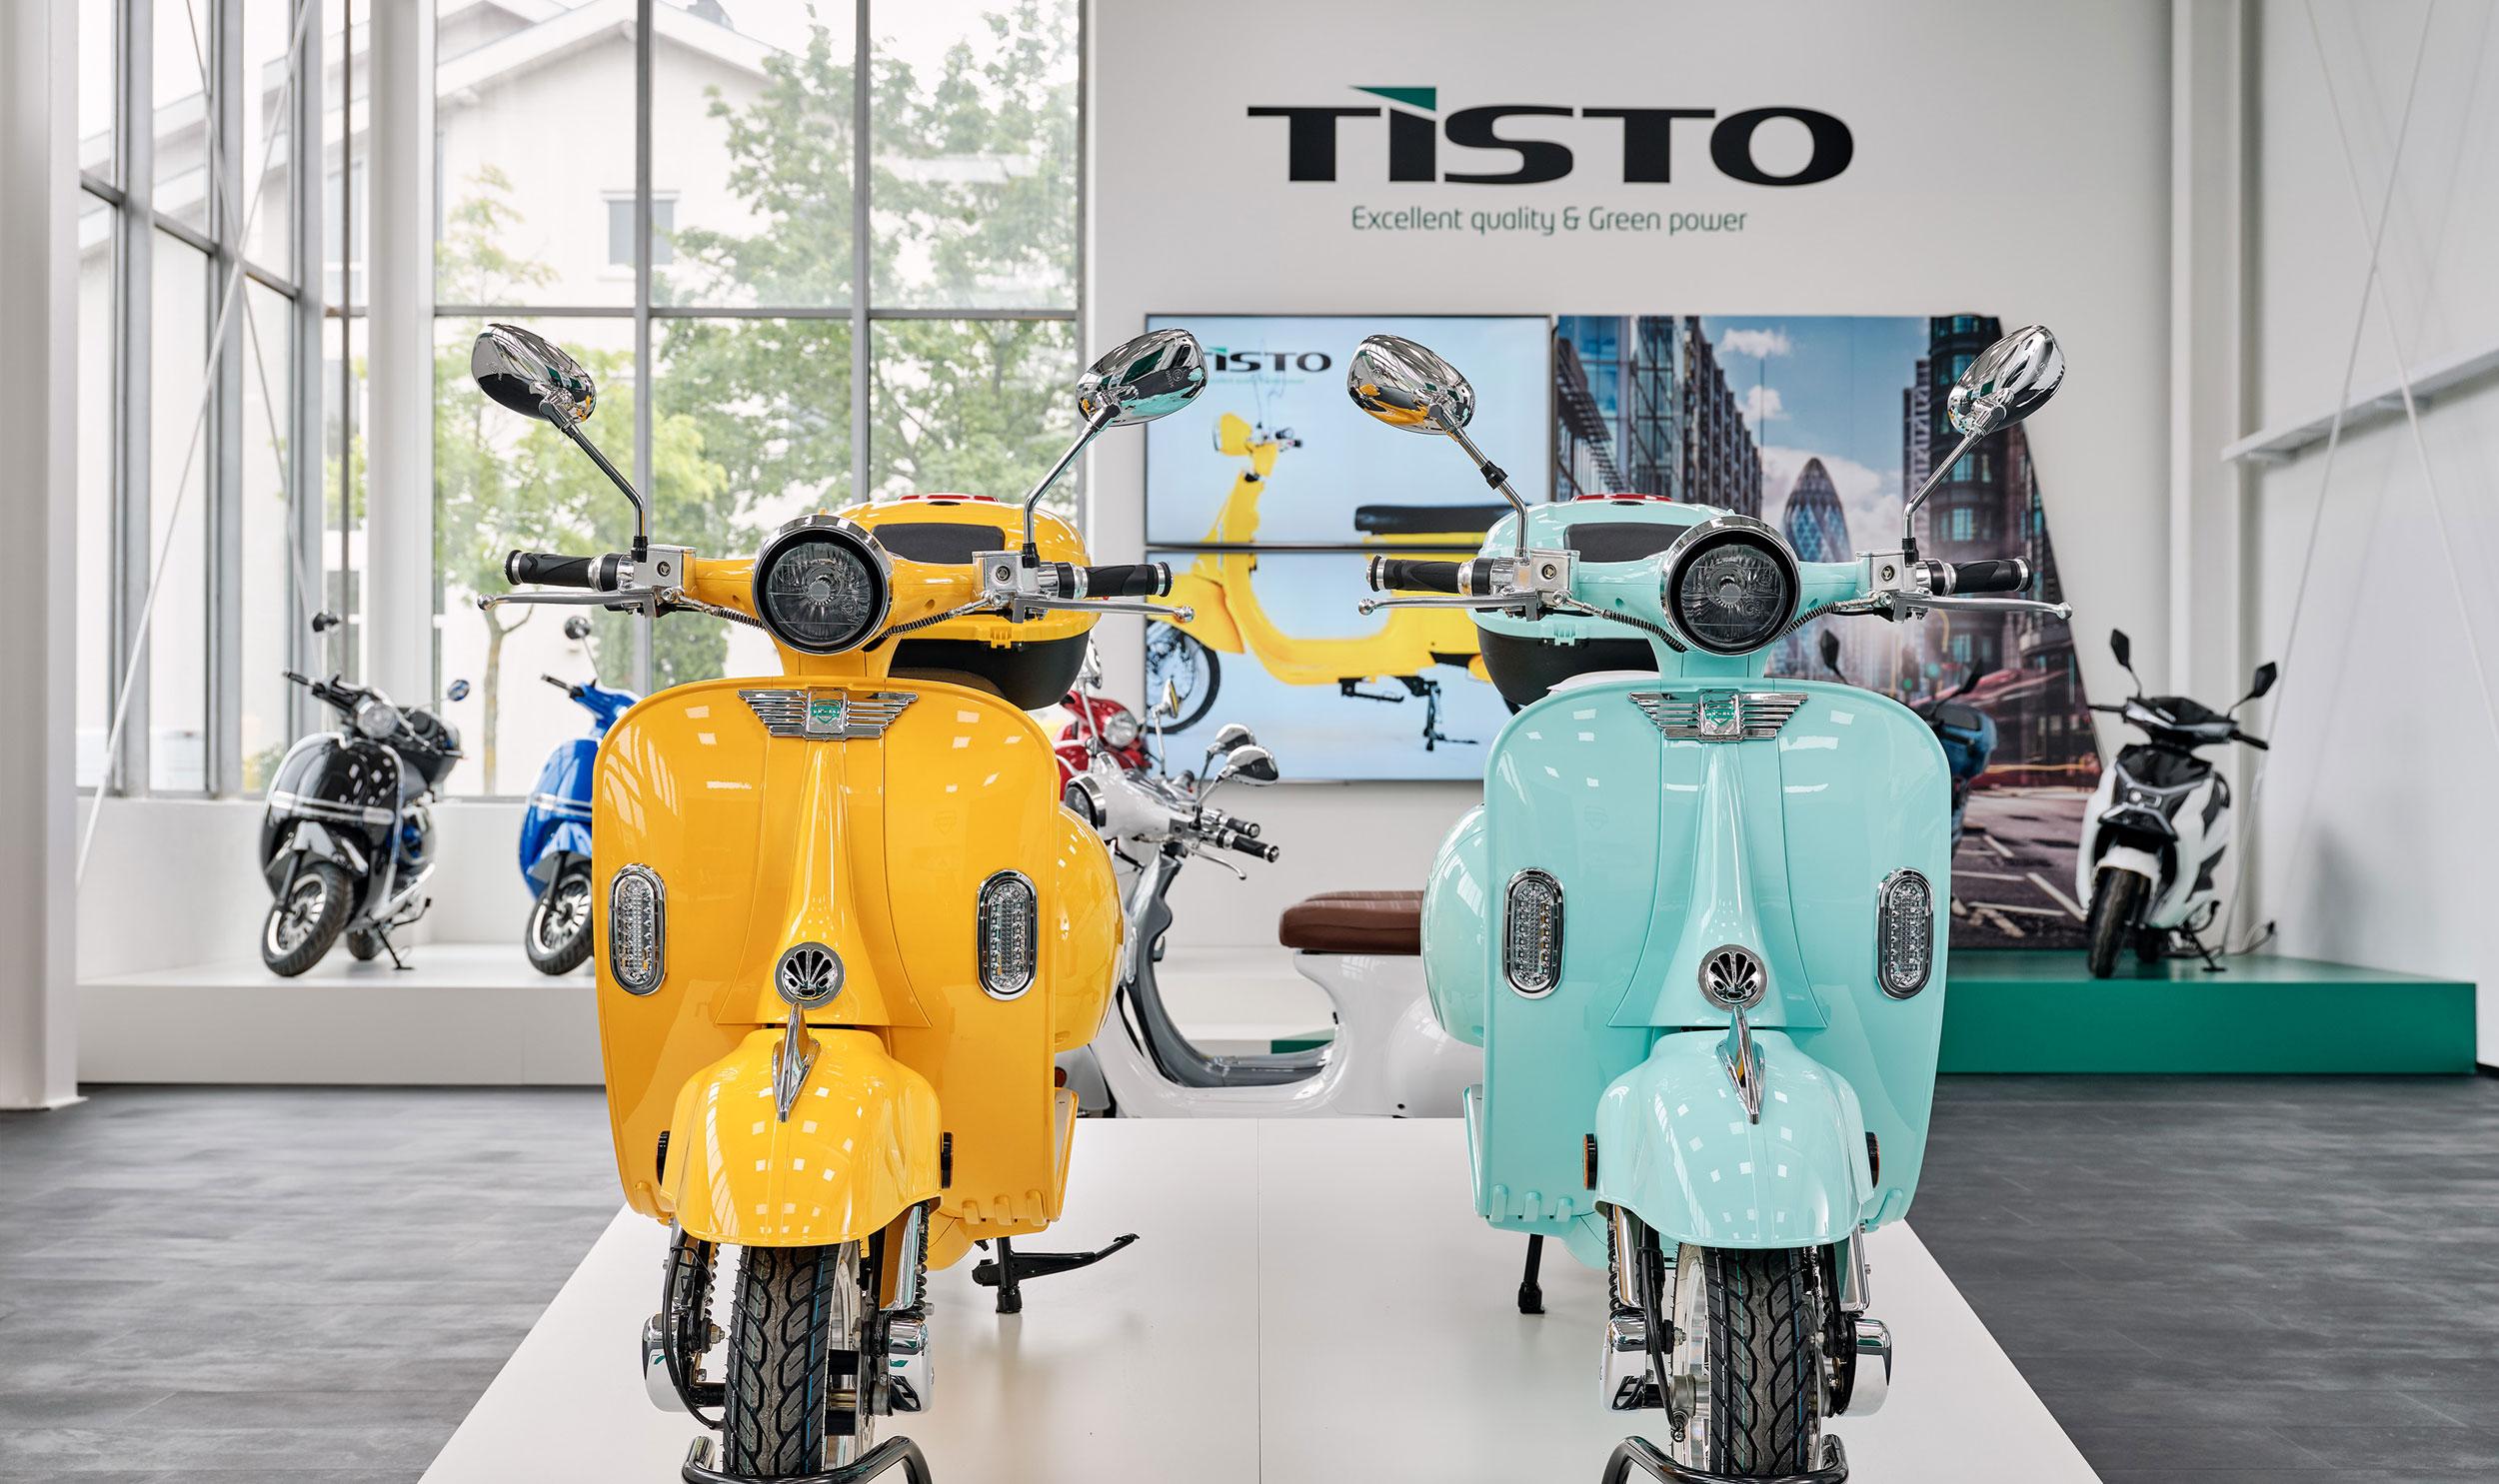 Tisto_03